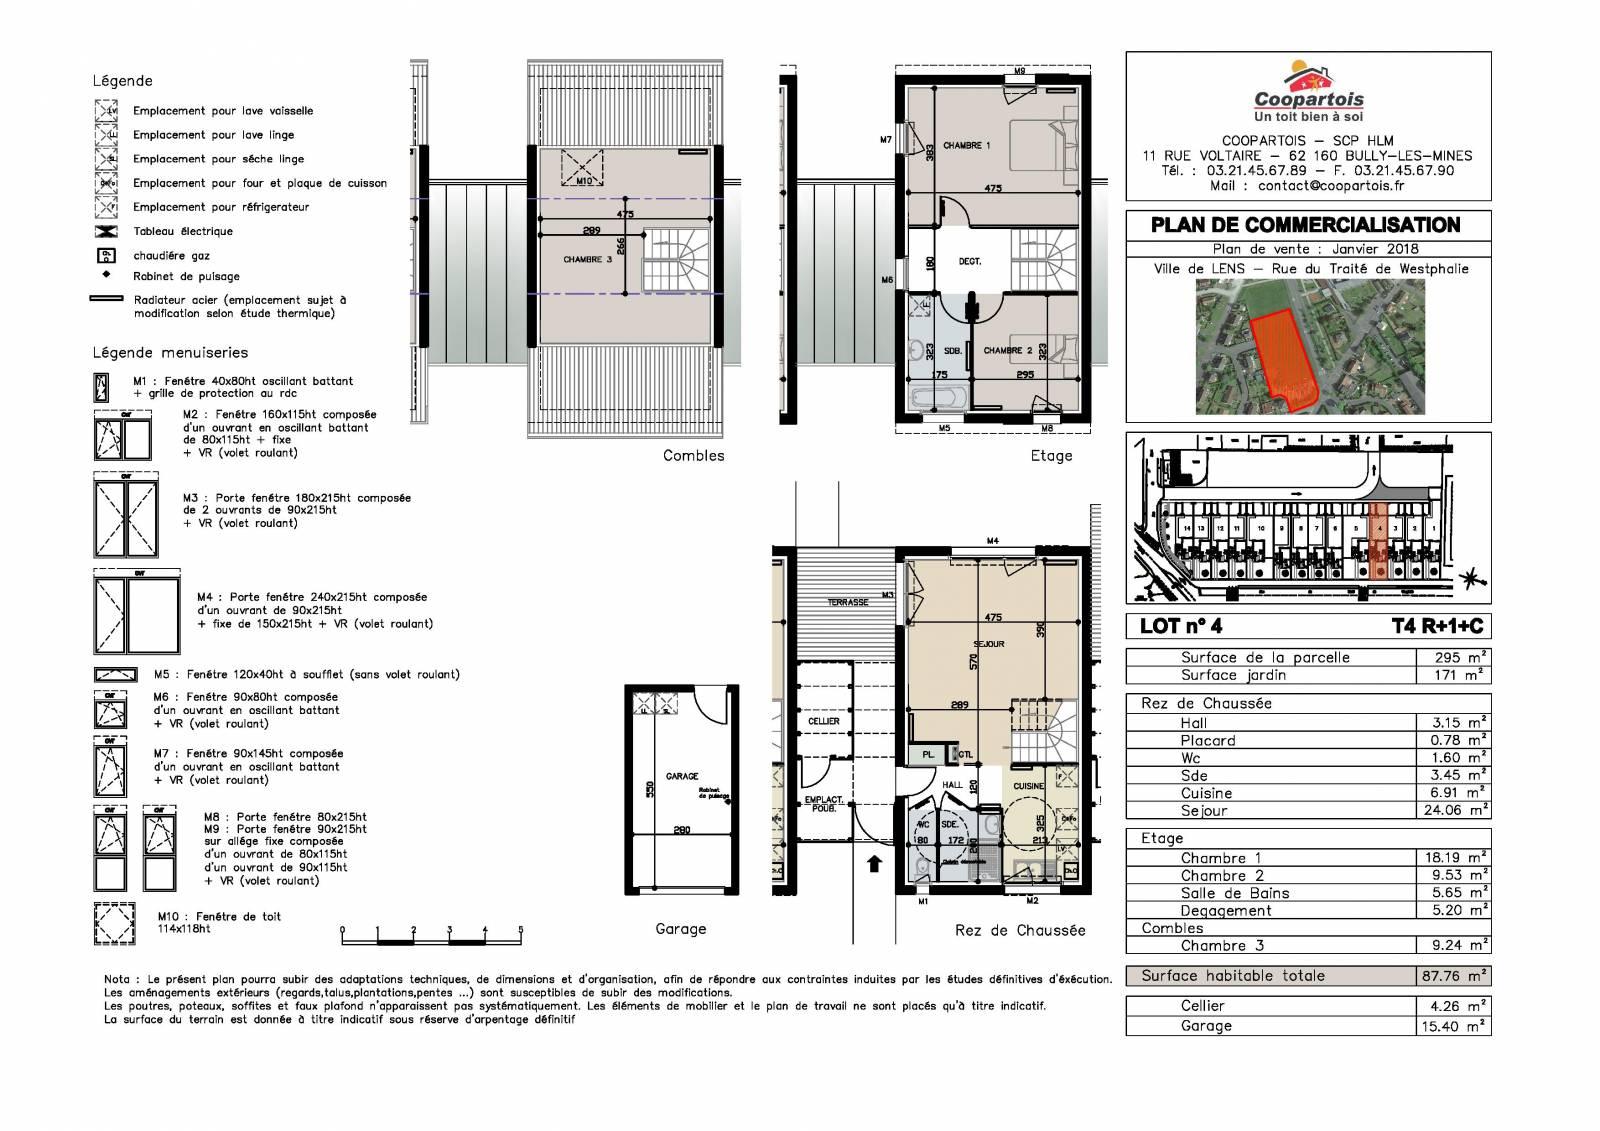 Maison neuve 3 chambres duplex n 4 coopartois for Prix maison neuve 4 chambres